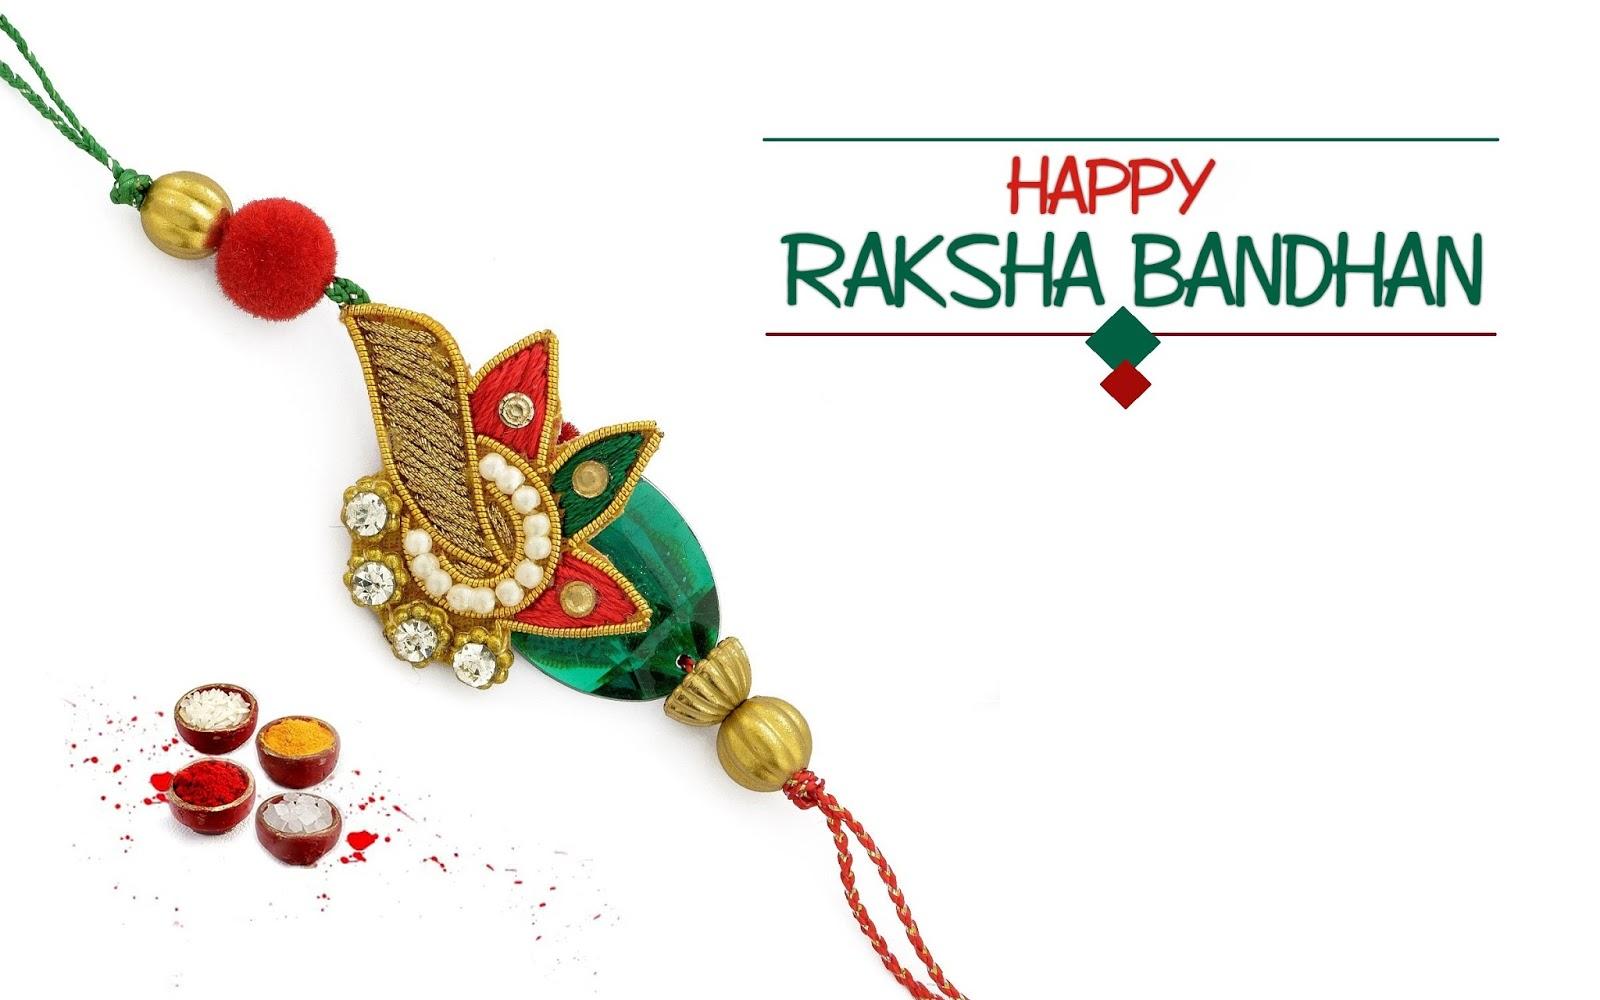 Happy Raksha Bandhan Images Free Download